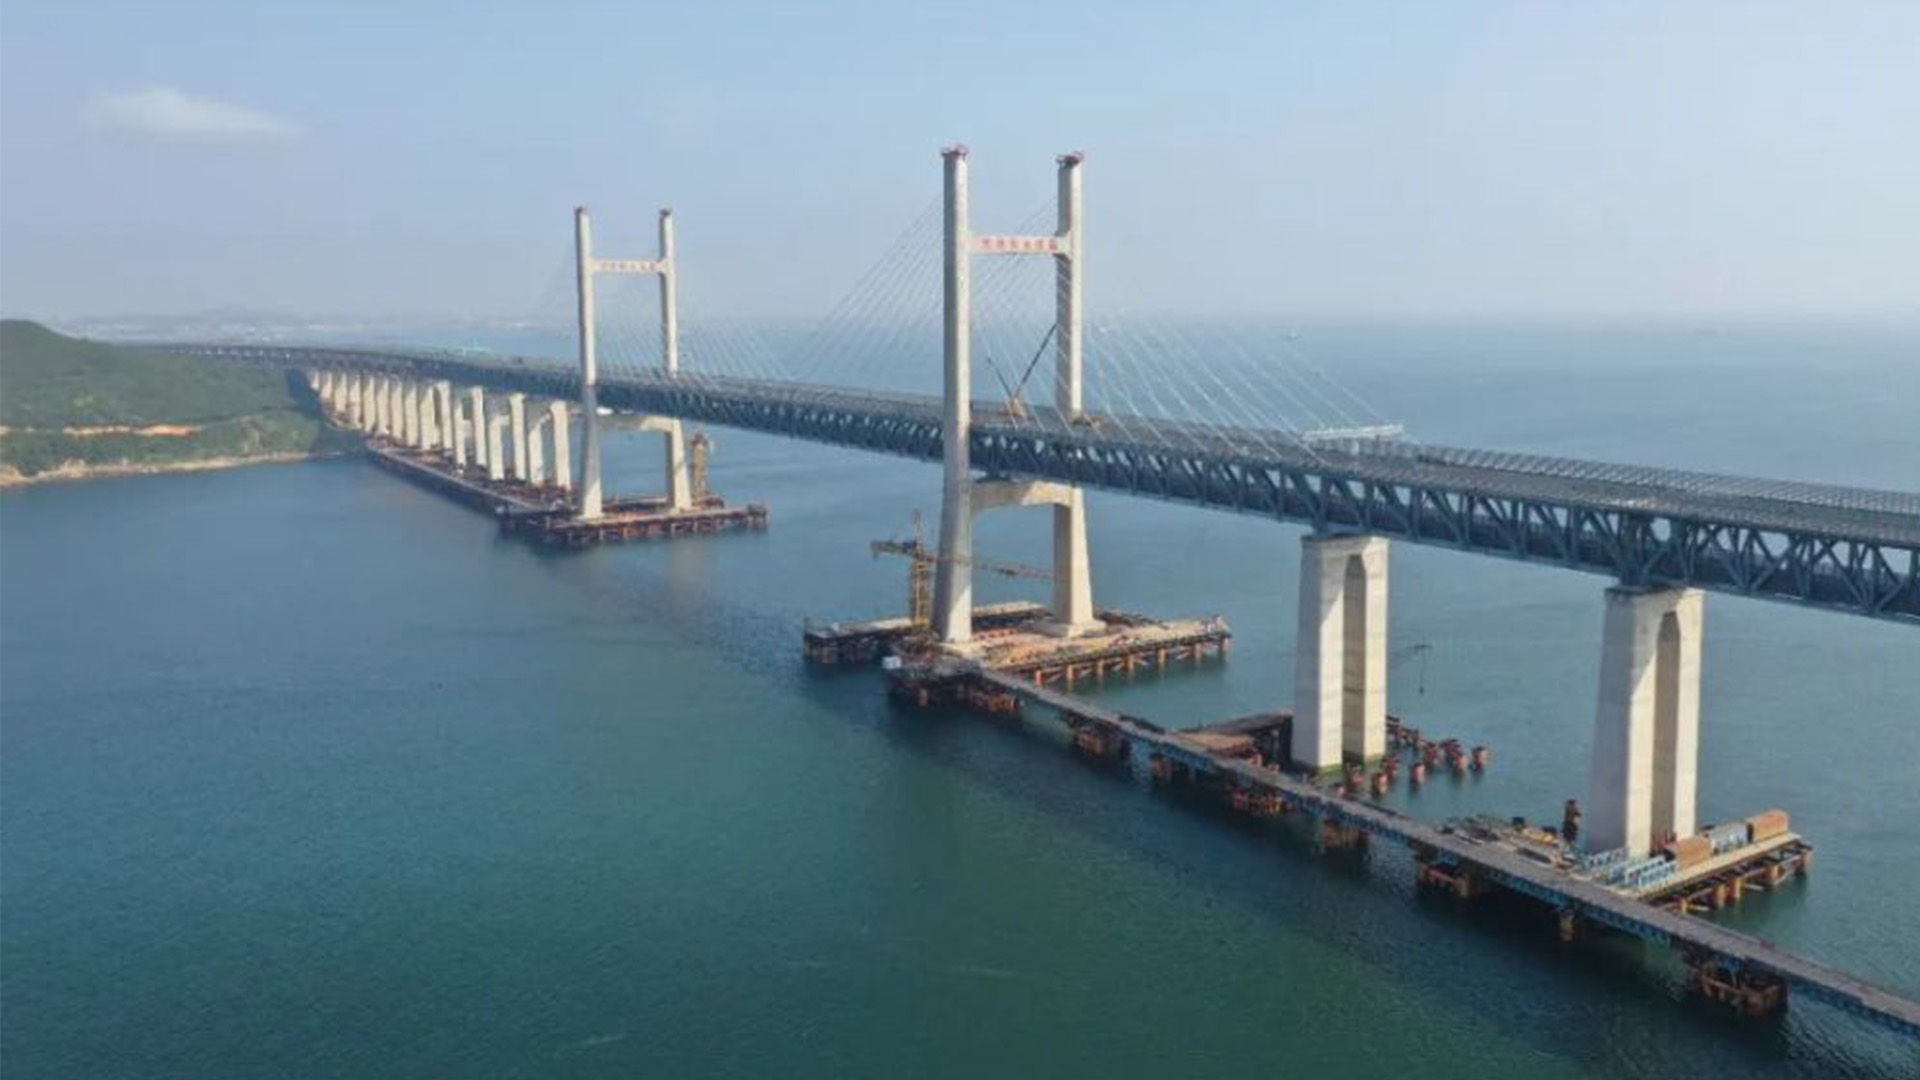 福平鐵路正式開通運營 平潭海峽公鐵大橋同步投入使用圖片